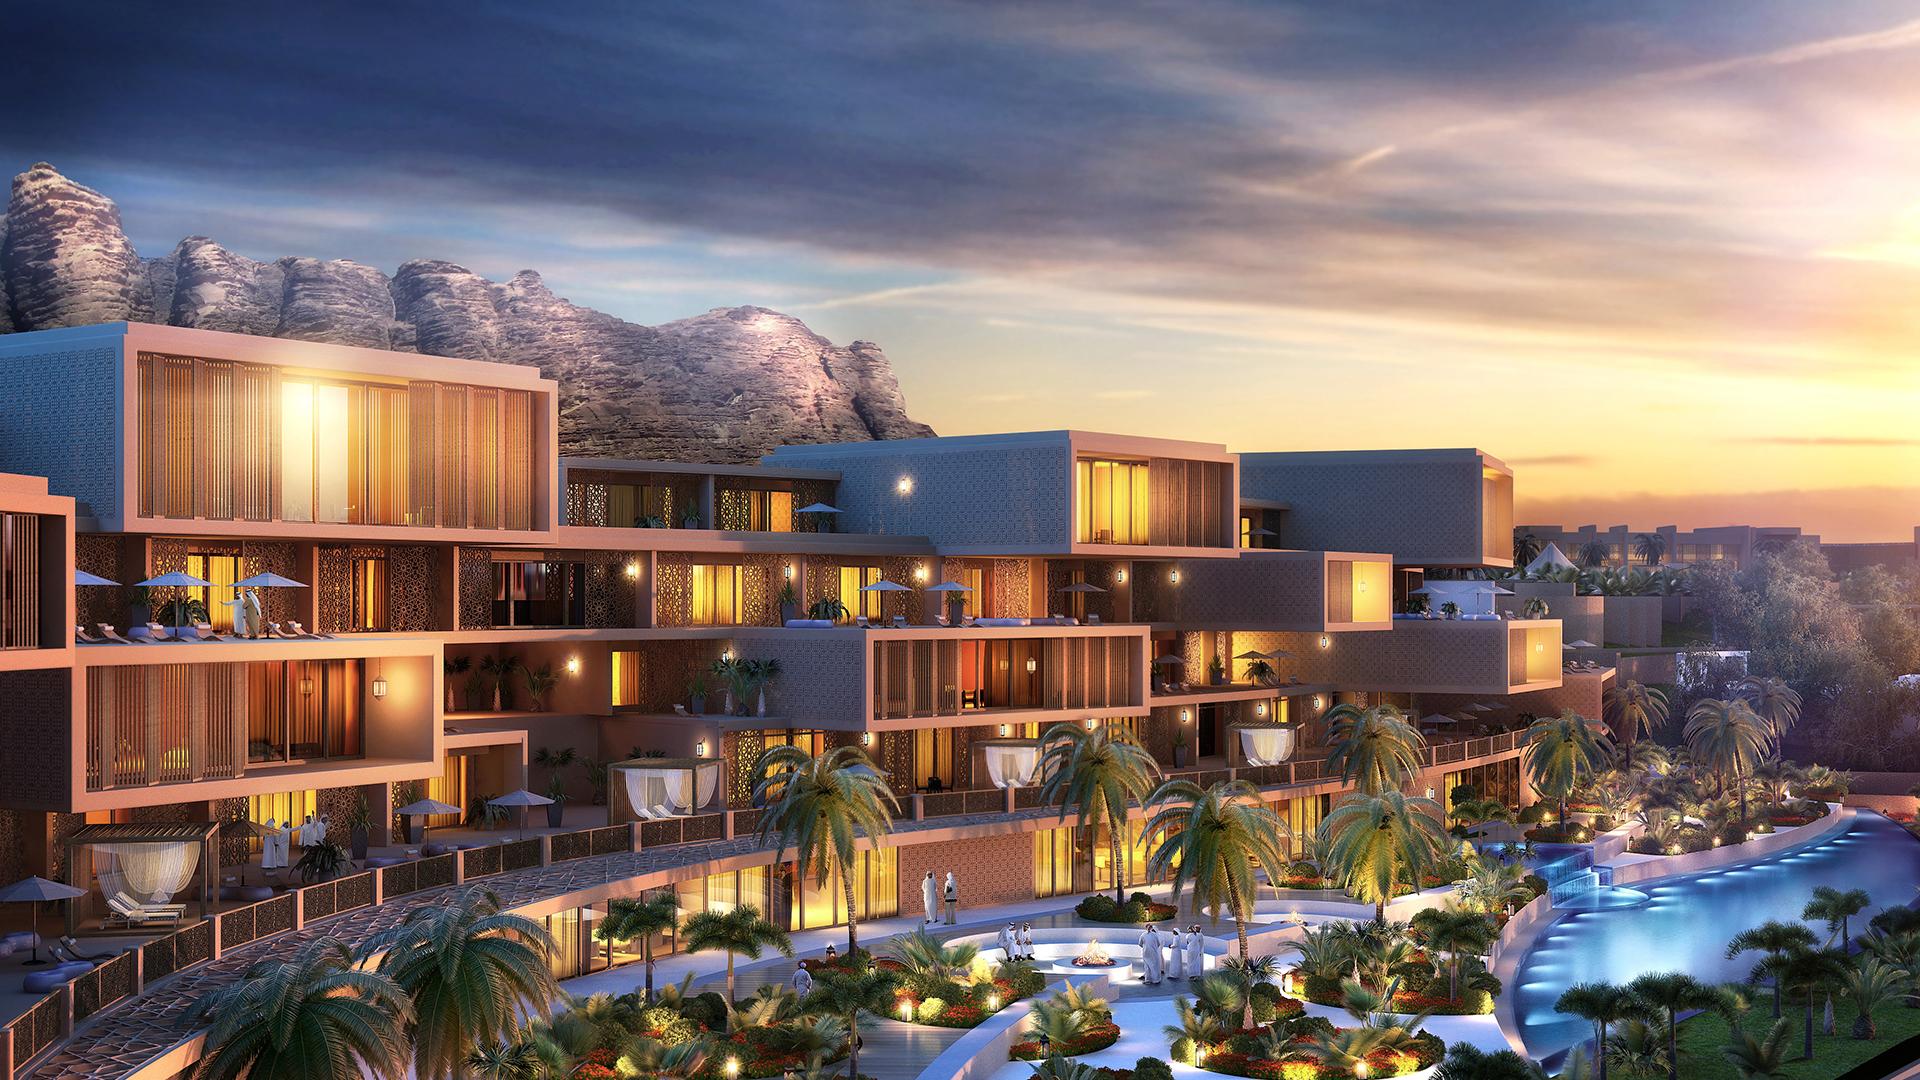 al-samerya-hotel-1